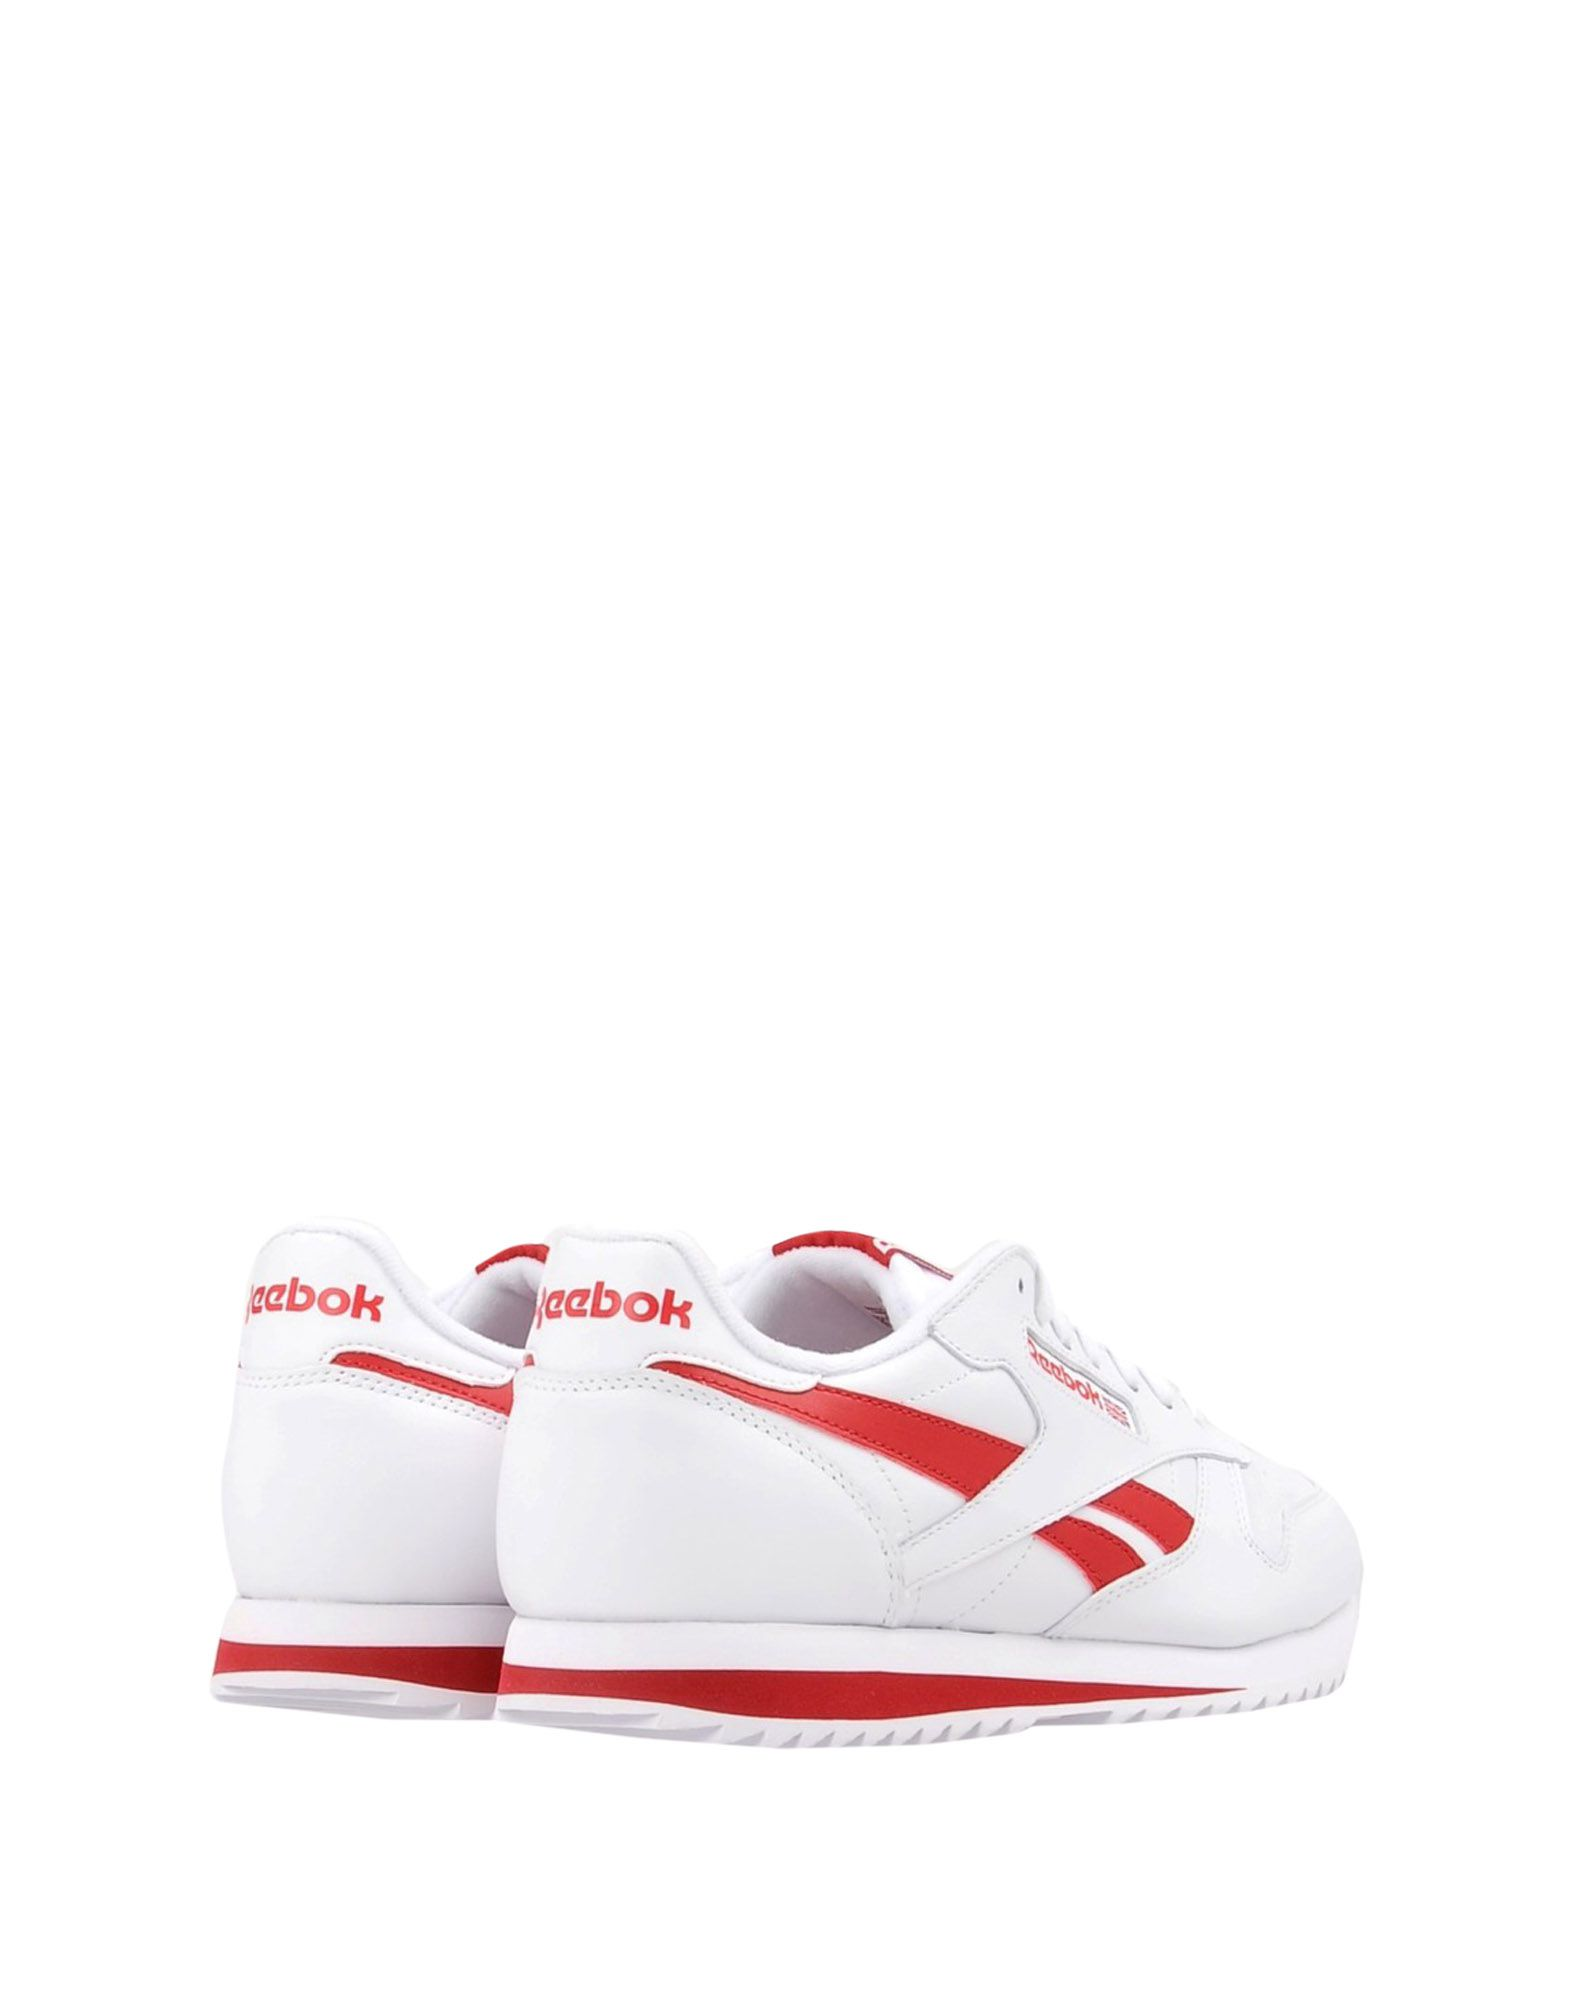 Reebok Cl Leather Ripple Lo - Sneakers - - - Men Reebok Sneakers online on  Australia - 11371843KK c2f3ca